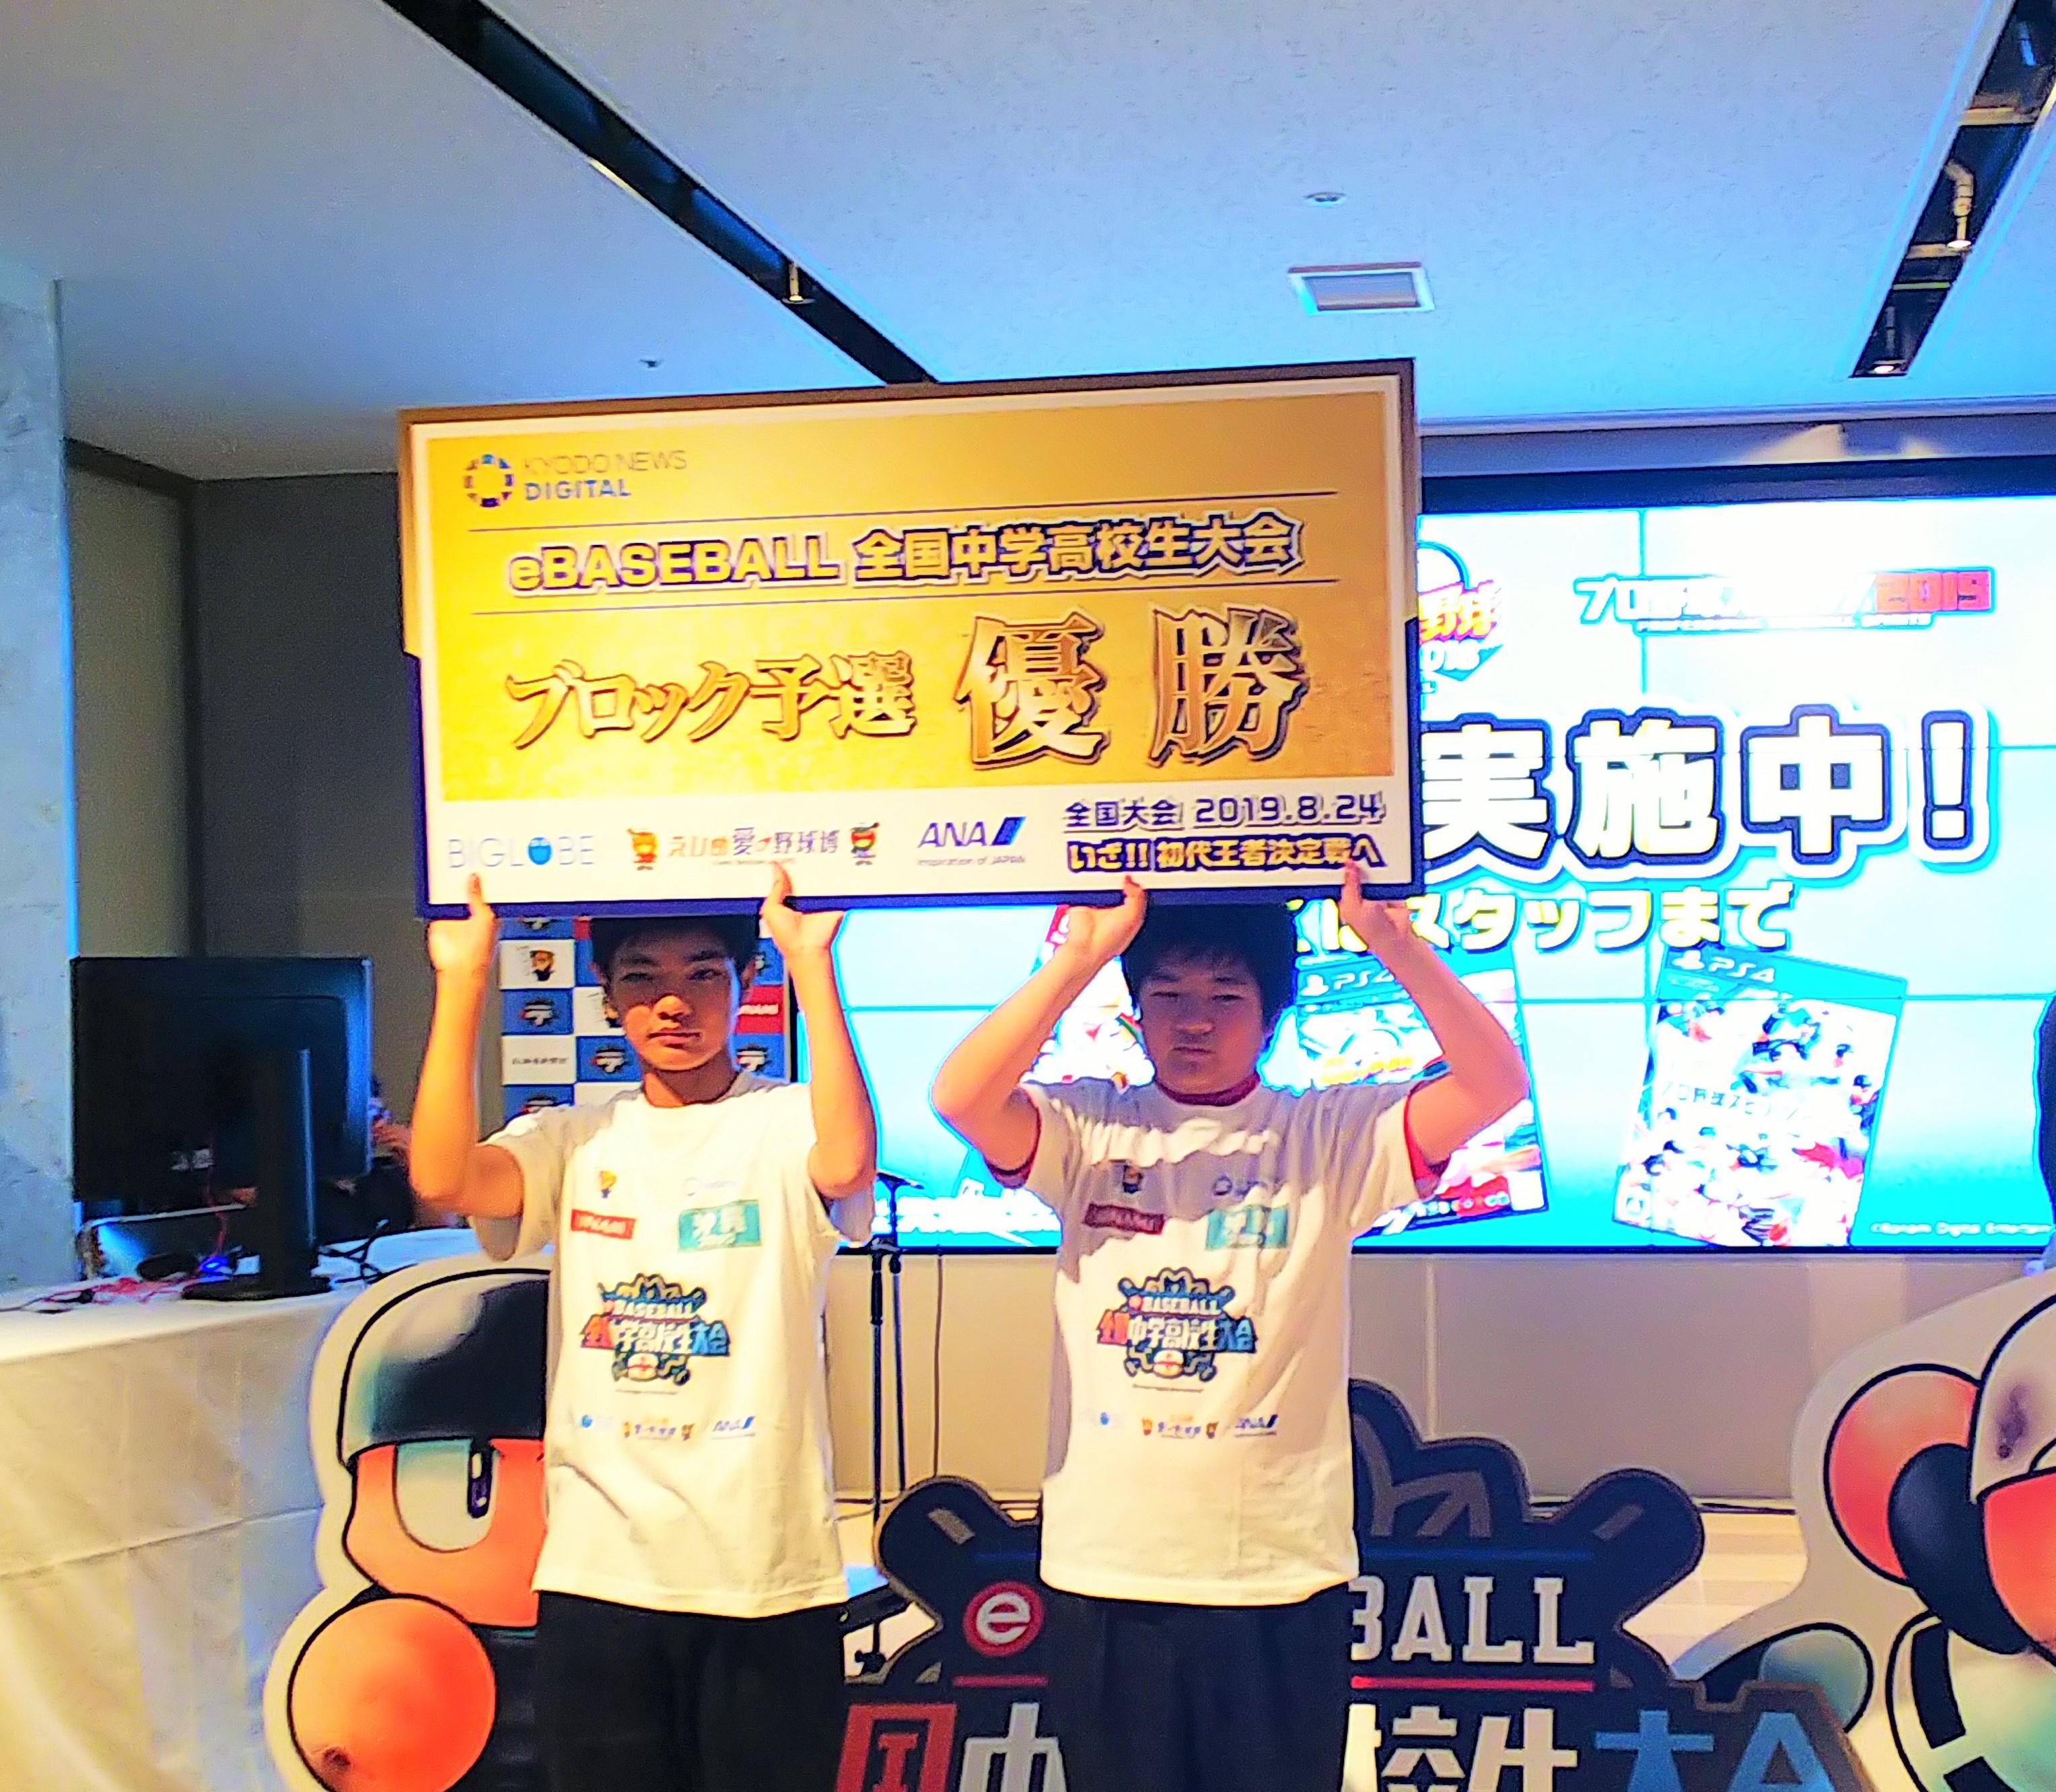 沖縄ブロック予選を勝利したKBC未来高のチーム